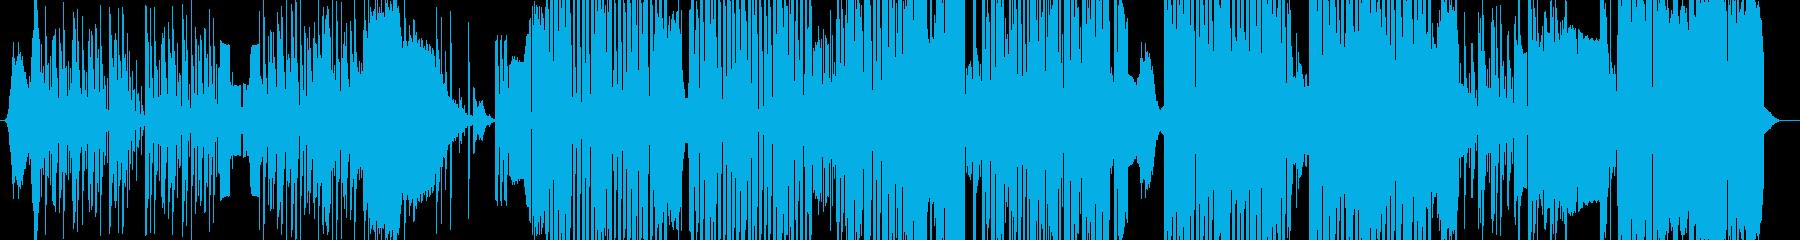 ドラムのDJスクラッチによるダンスBGMの再生済みの波形